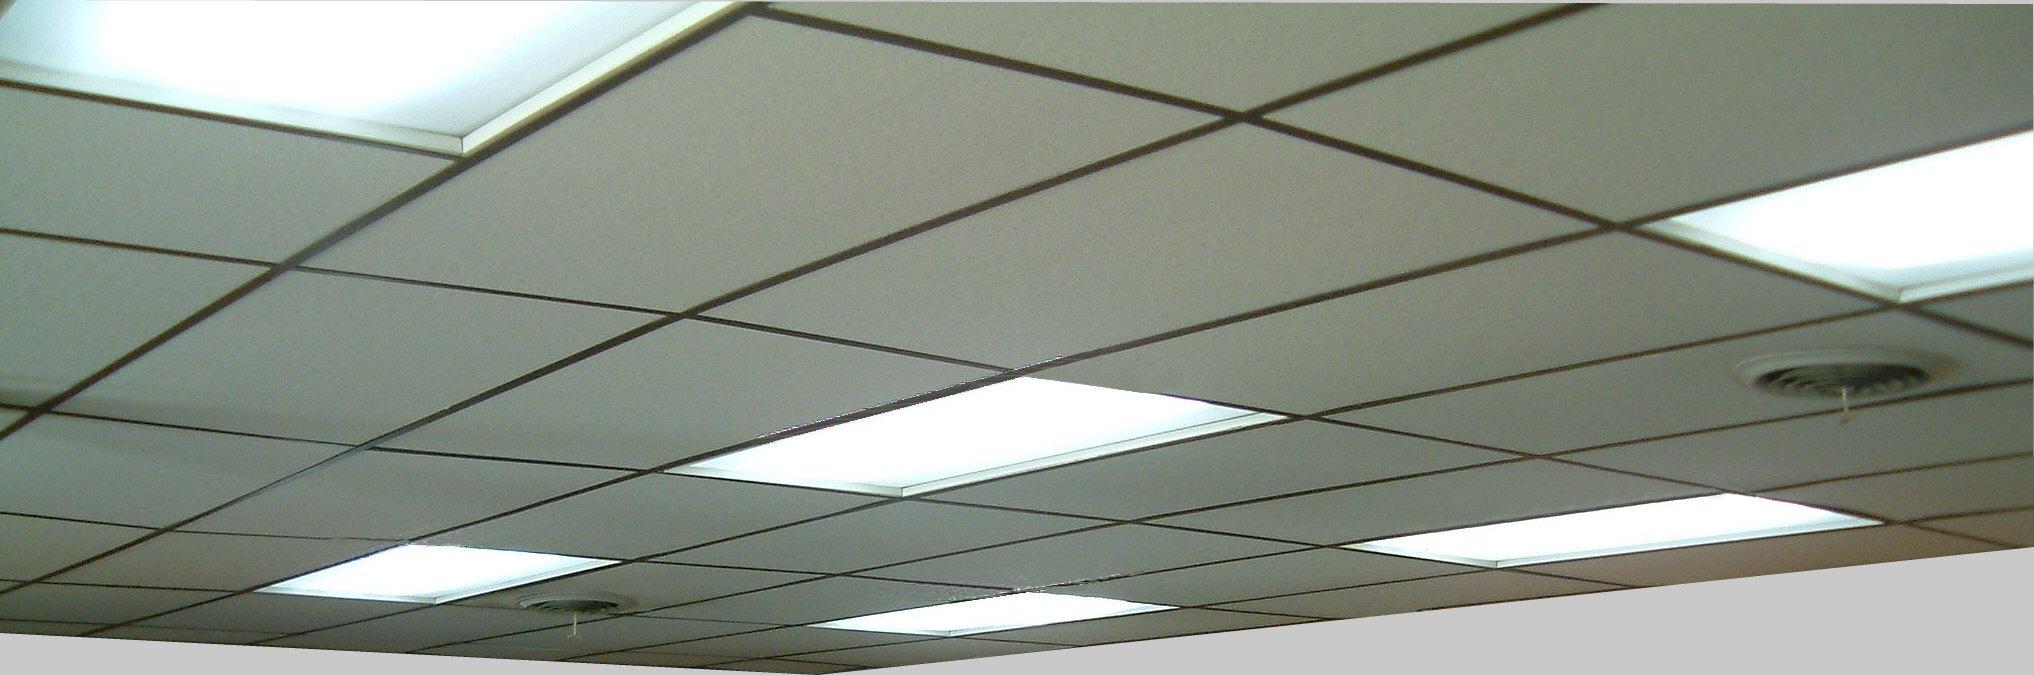 Ceiling tiles doublecrazyfo Gallery